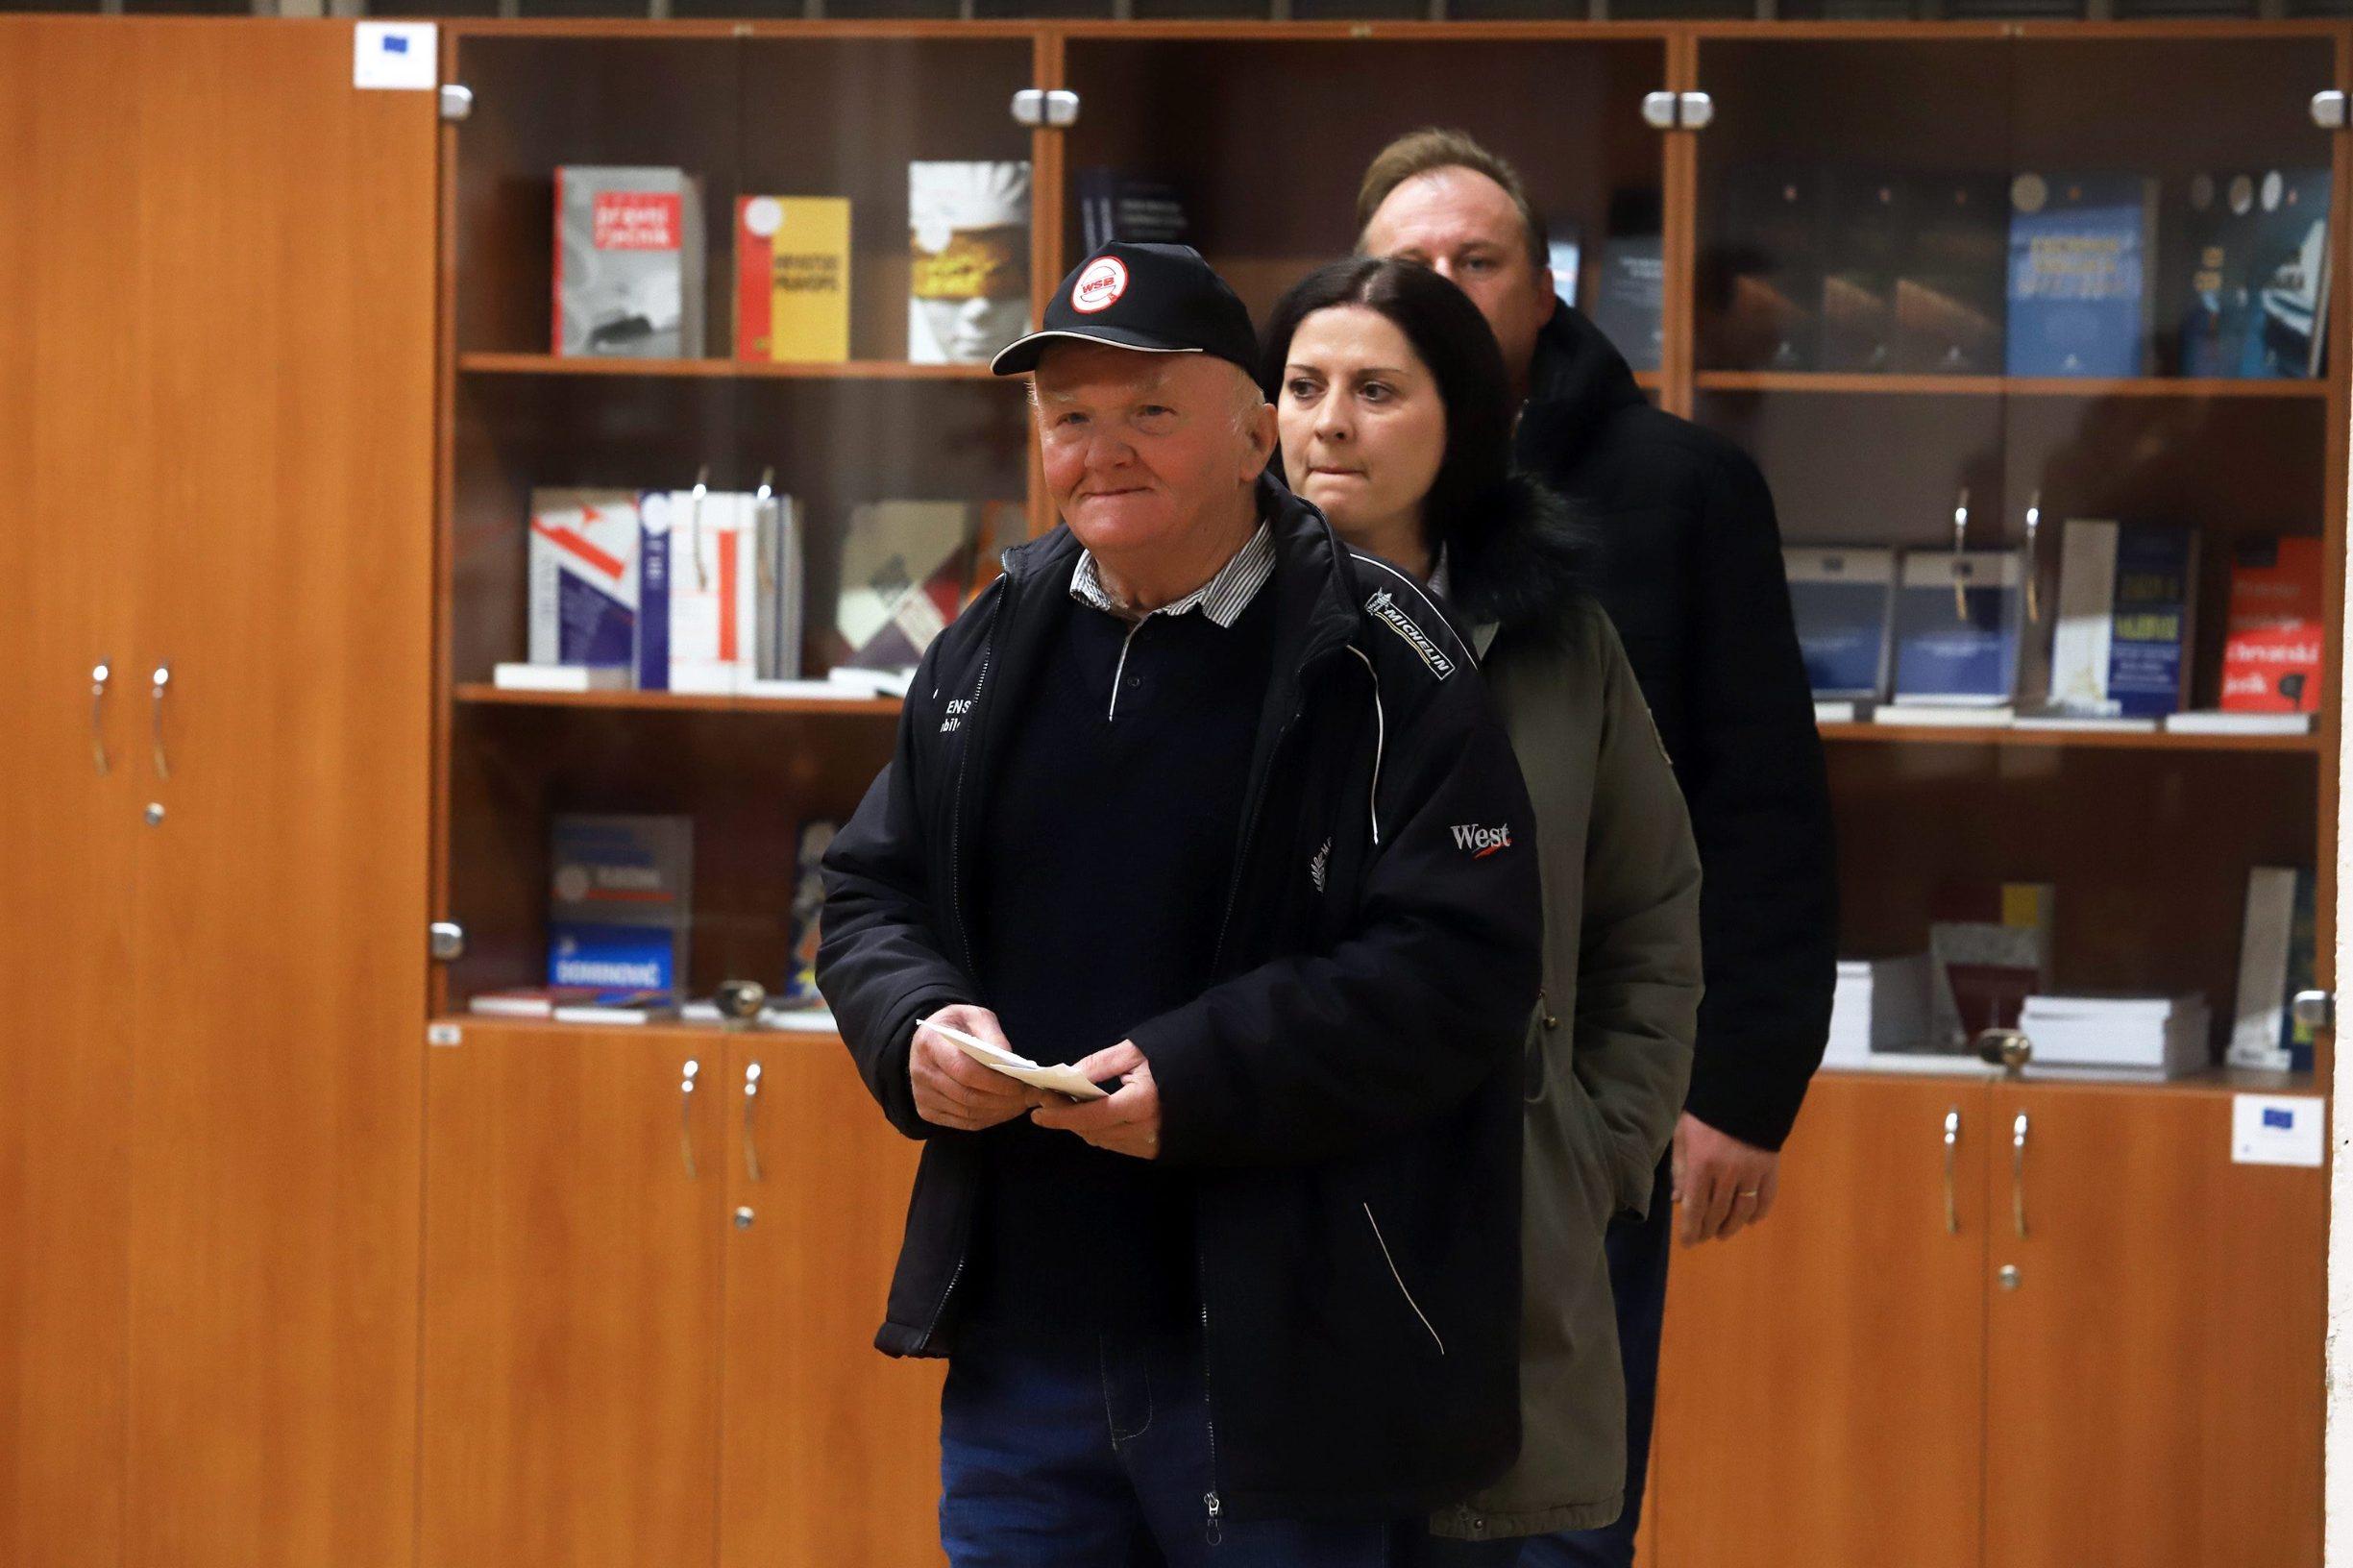 Varazdin, 051219. Na Zupanijskom sudu u Varazdinu nastavljeno je sudjenje Smiljani Srnec za ubojstvo sestre Jasmine Dominic. Na fotografiji: svjedoci na sudjenju. Foto: Zeljko Hajdinjak / CROPIX